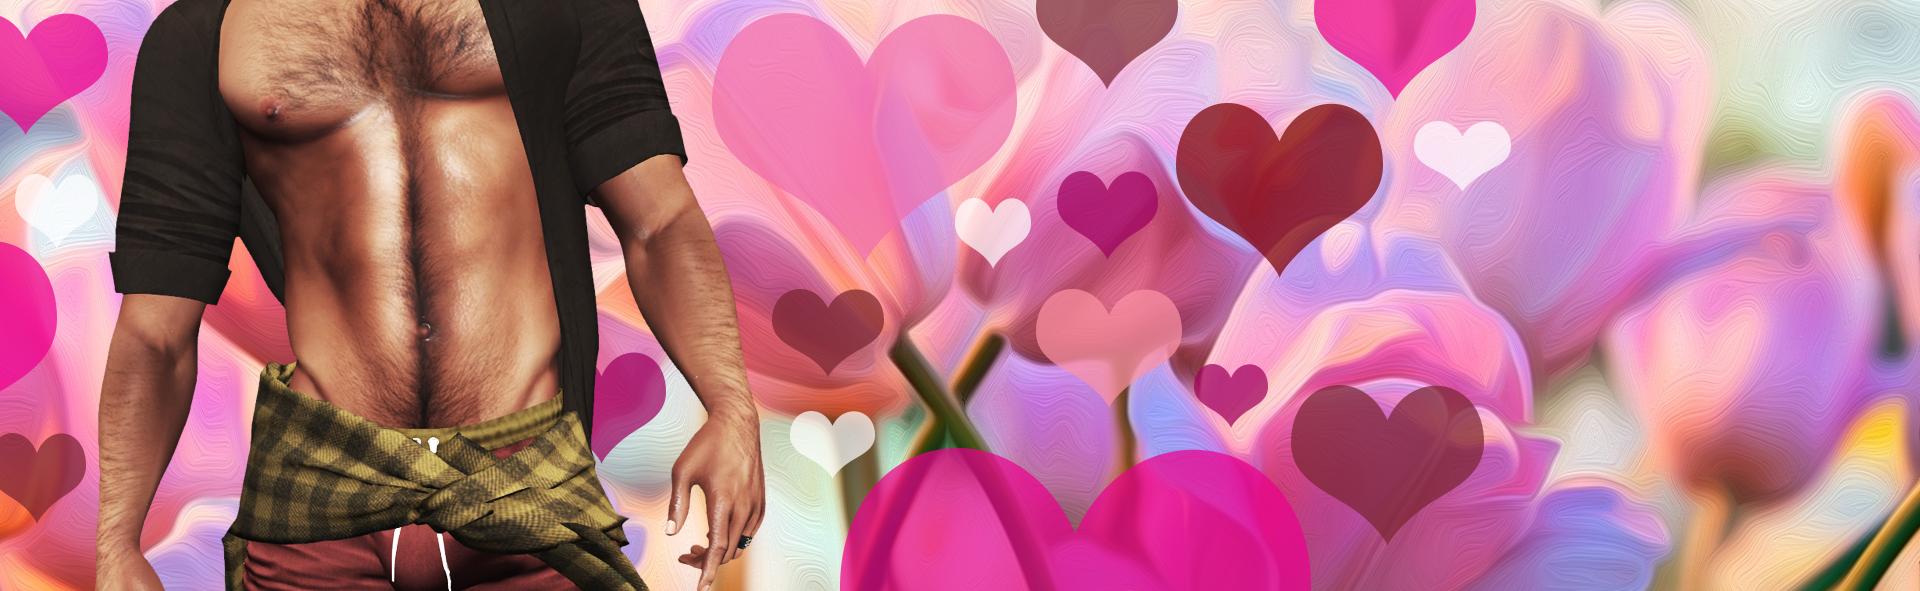 https://oostwestsl.com/wp-content/uploads/2020/02/title-blog-love.jpg